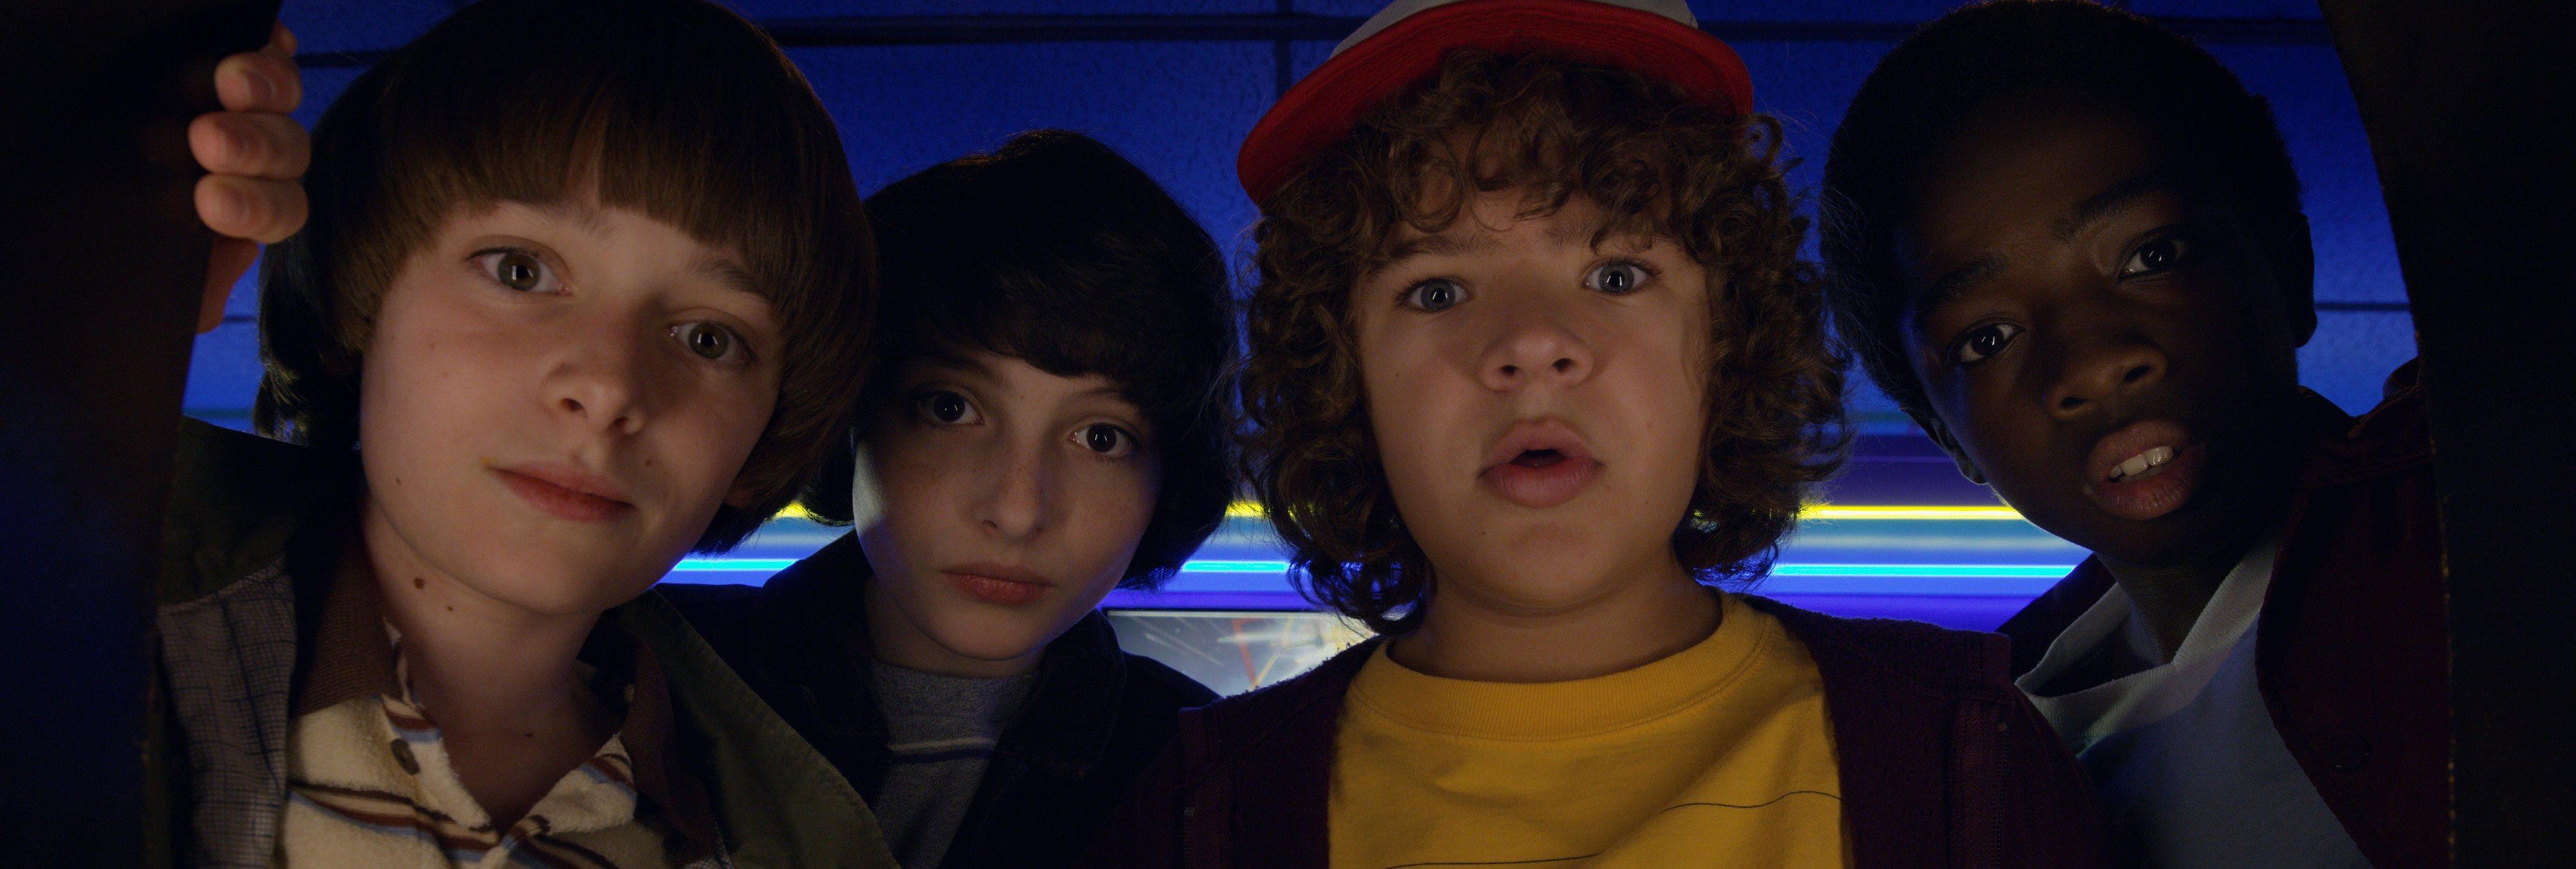 Netflix y Telltale lanzarán un videojuego de 'Stranger Things'